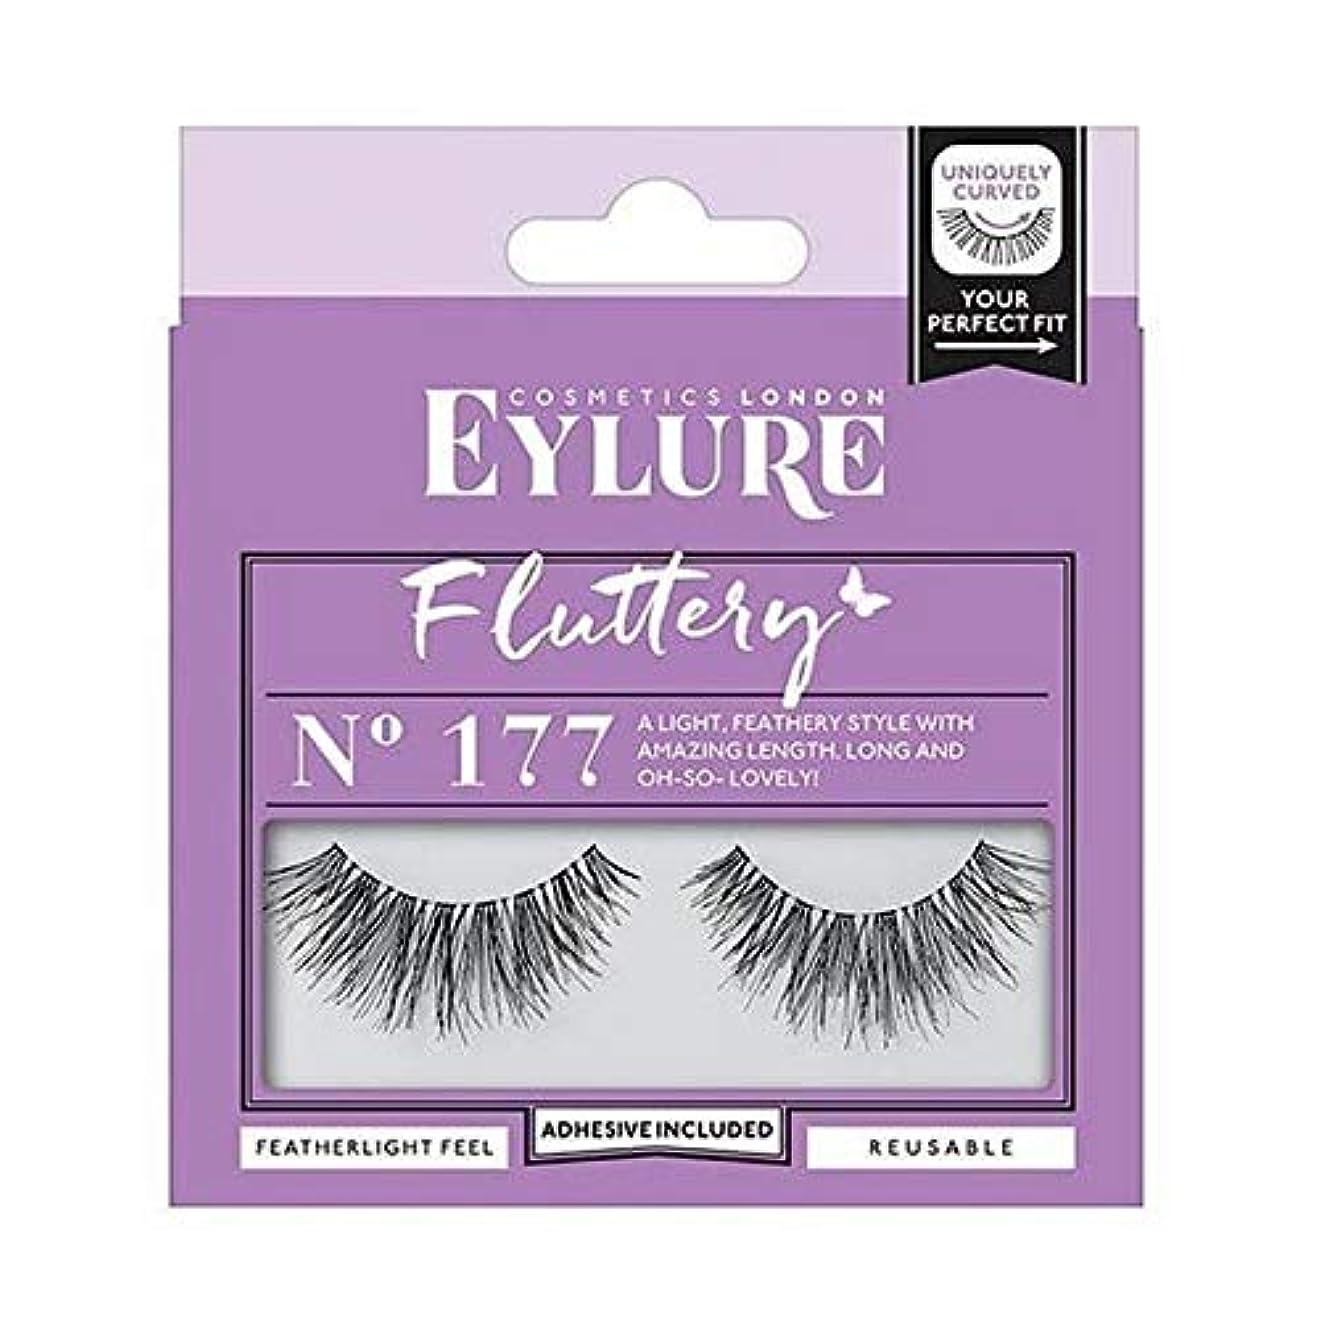 革新位置する仲良し[Eylure] Eylureストリップは震えていないのまつげ。 177 - Eylure Strip Lashes Fluttery No. 177 [並行輸入品]